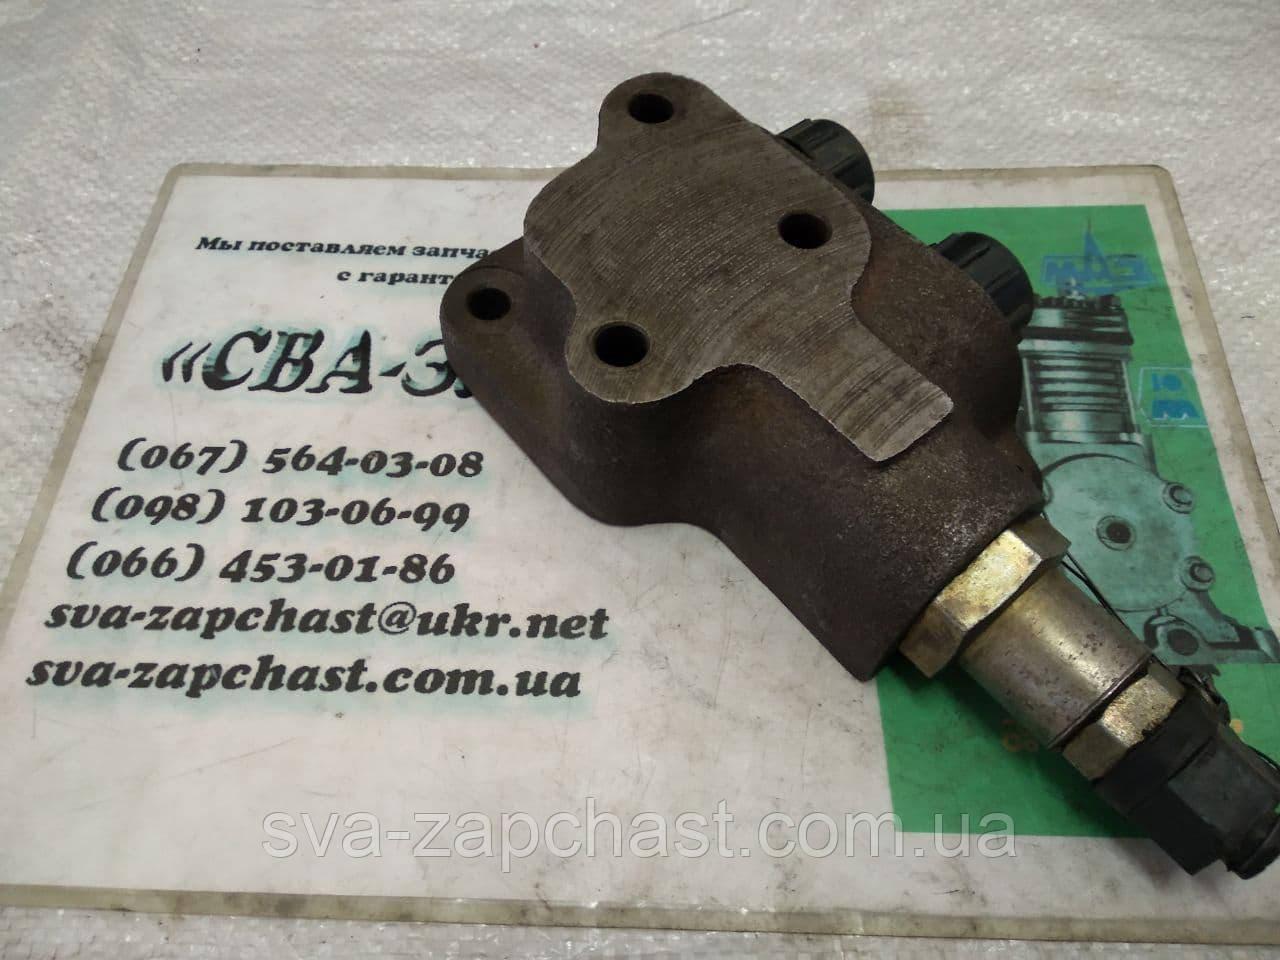 Клапан запобіжний Т150 рульового управління 151.40.039-4